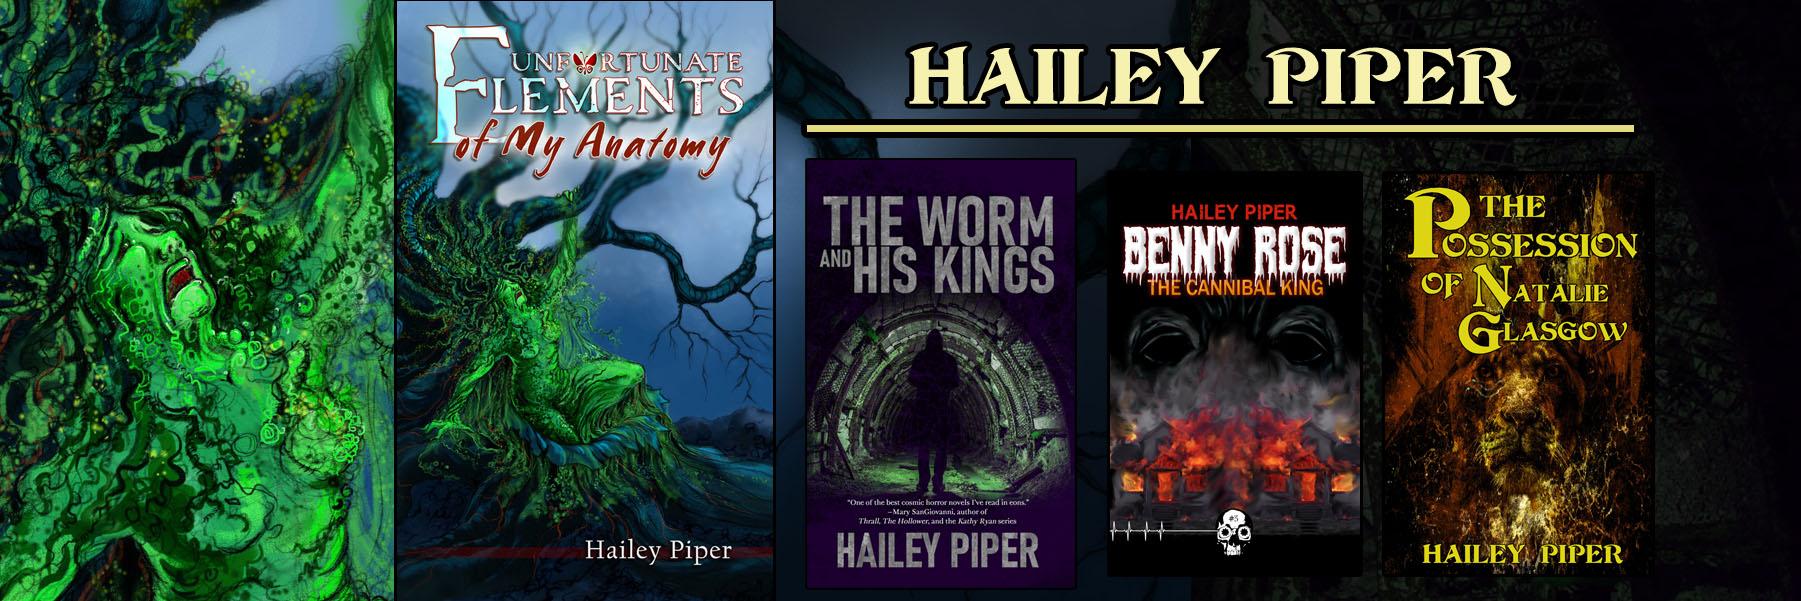 Hailey Piper